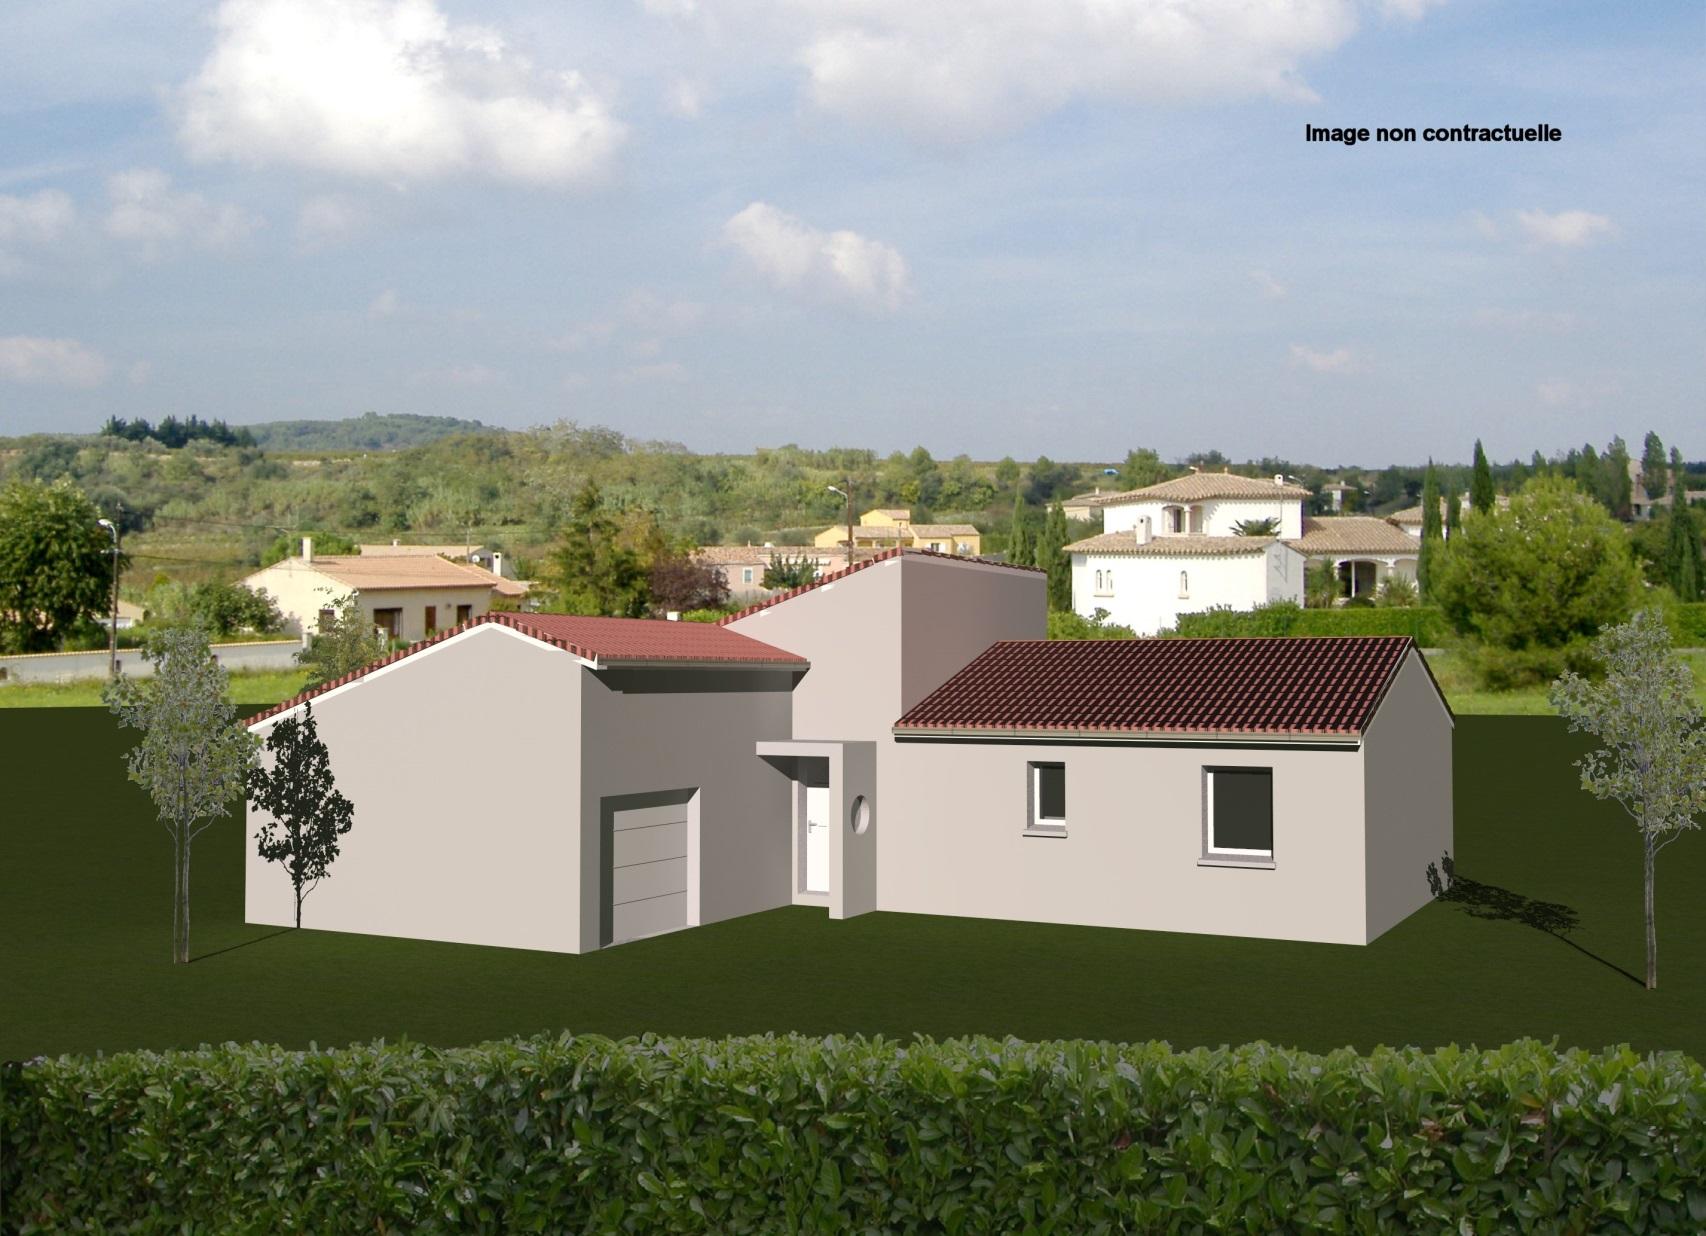 Maisons + Terrains du constructeur MAISONS CONCEPT 2000 • ORCET